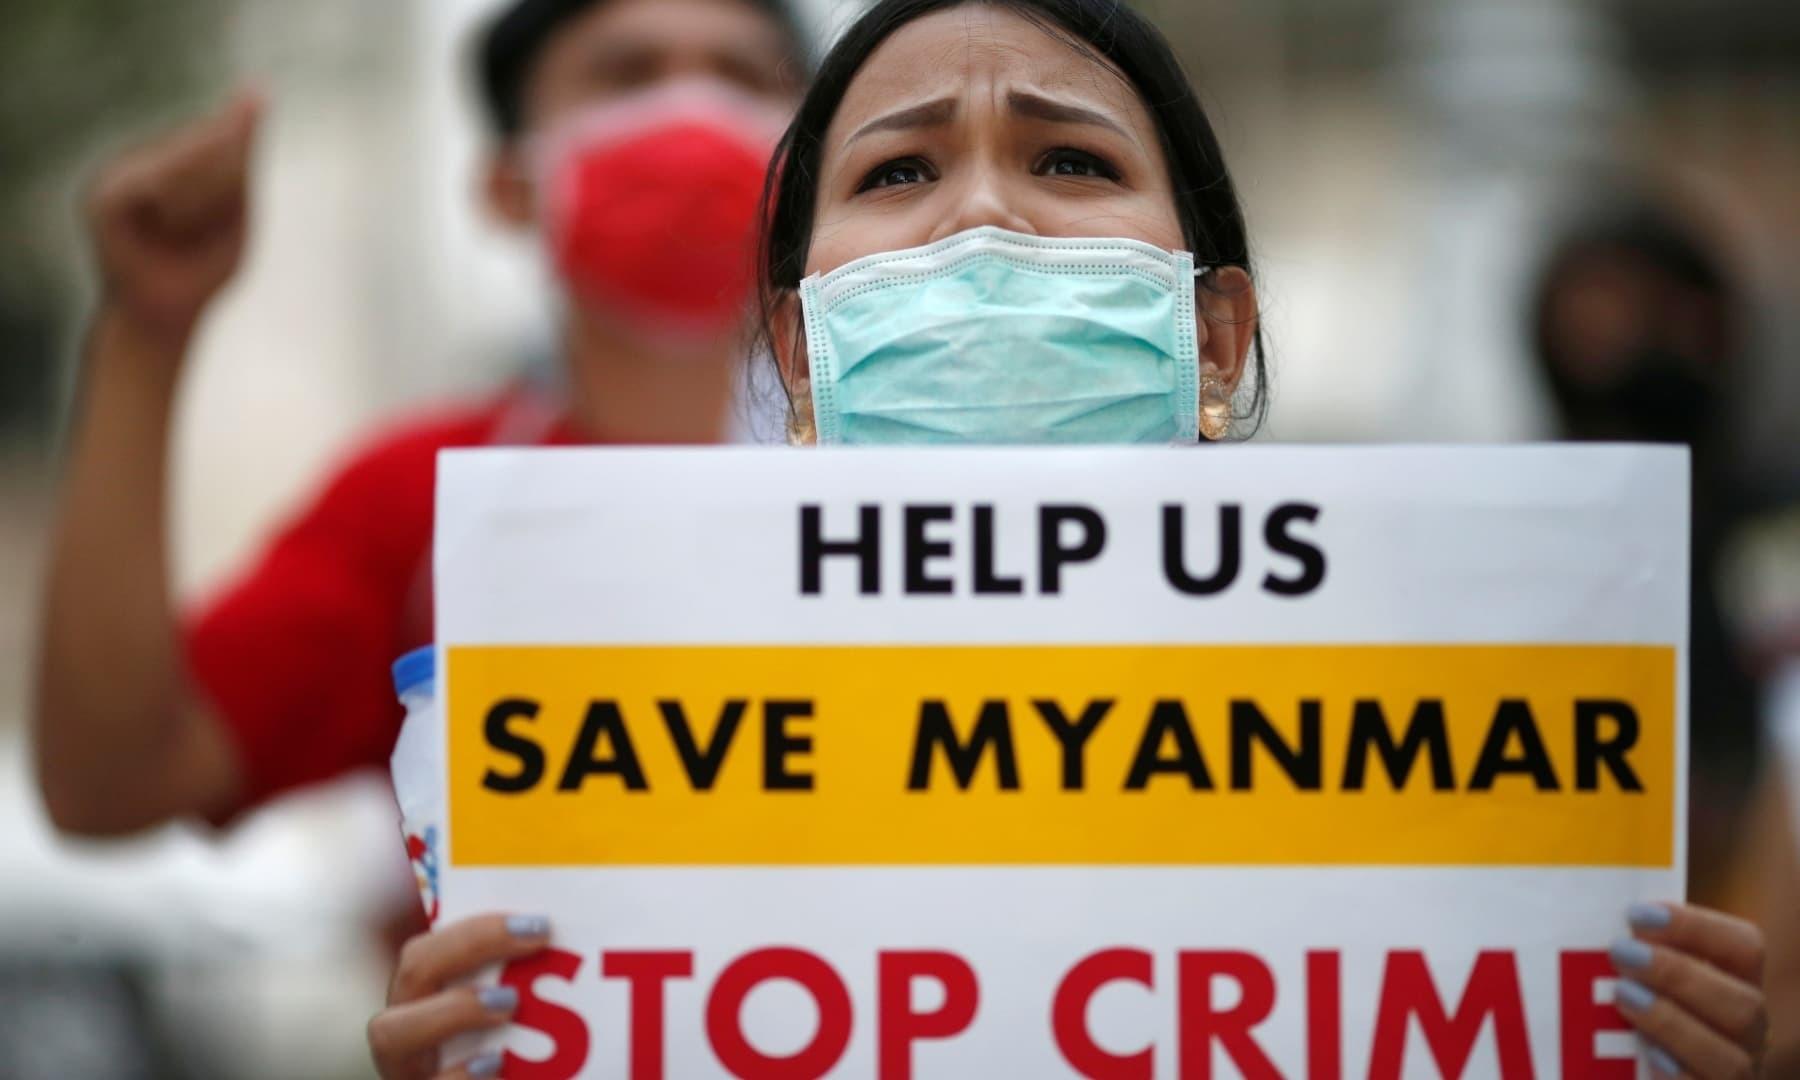 میانمار کے شہریوں نے تھائی لینڈ کے دارالحکومت بنکاک میں اقوام متحدہ کے دفتر کے سامنے بھی فوج حکومت کے خلاف احتجاج کیا—فوٹو: رائٹرز